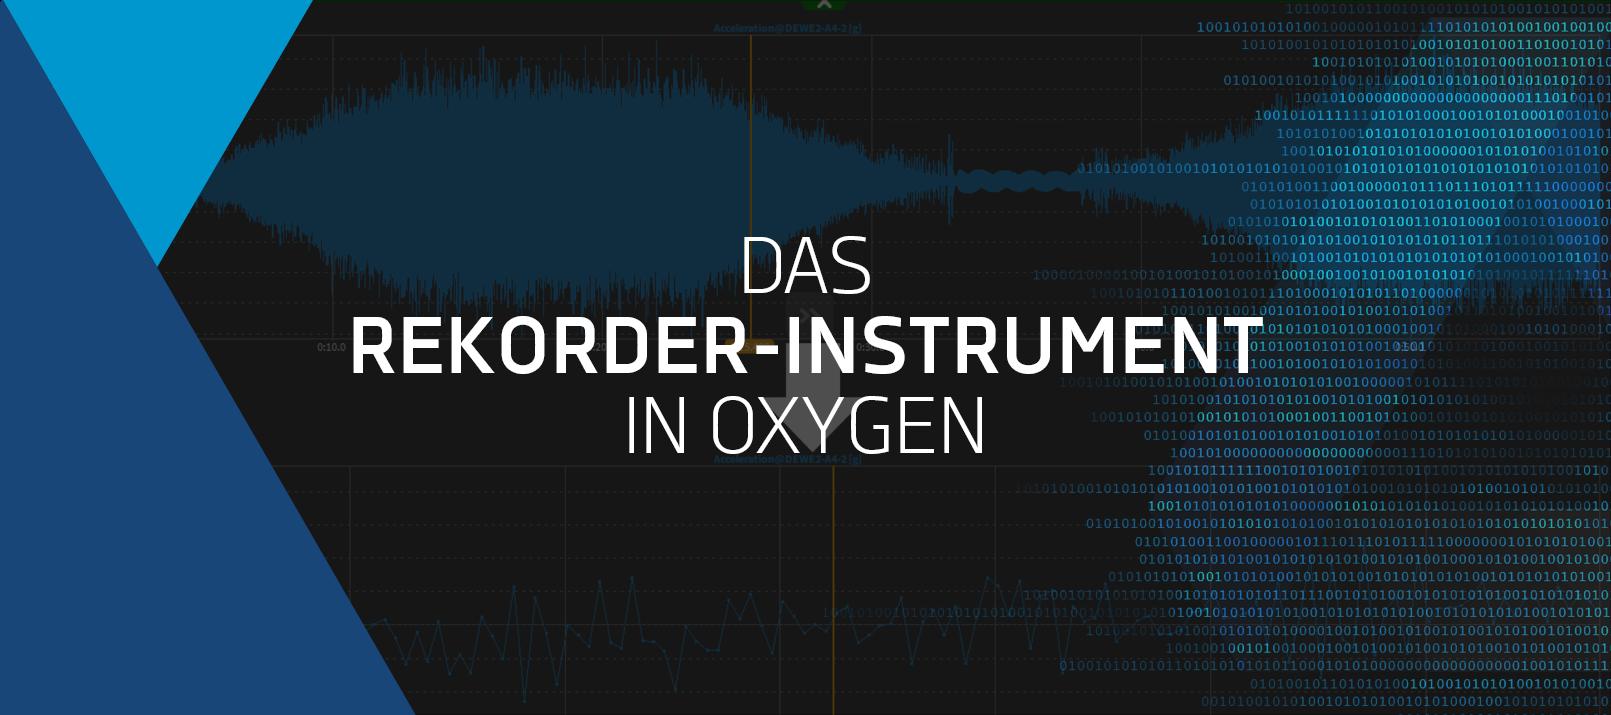 oxygen-rekorder-instrument